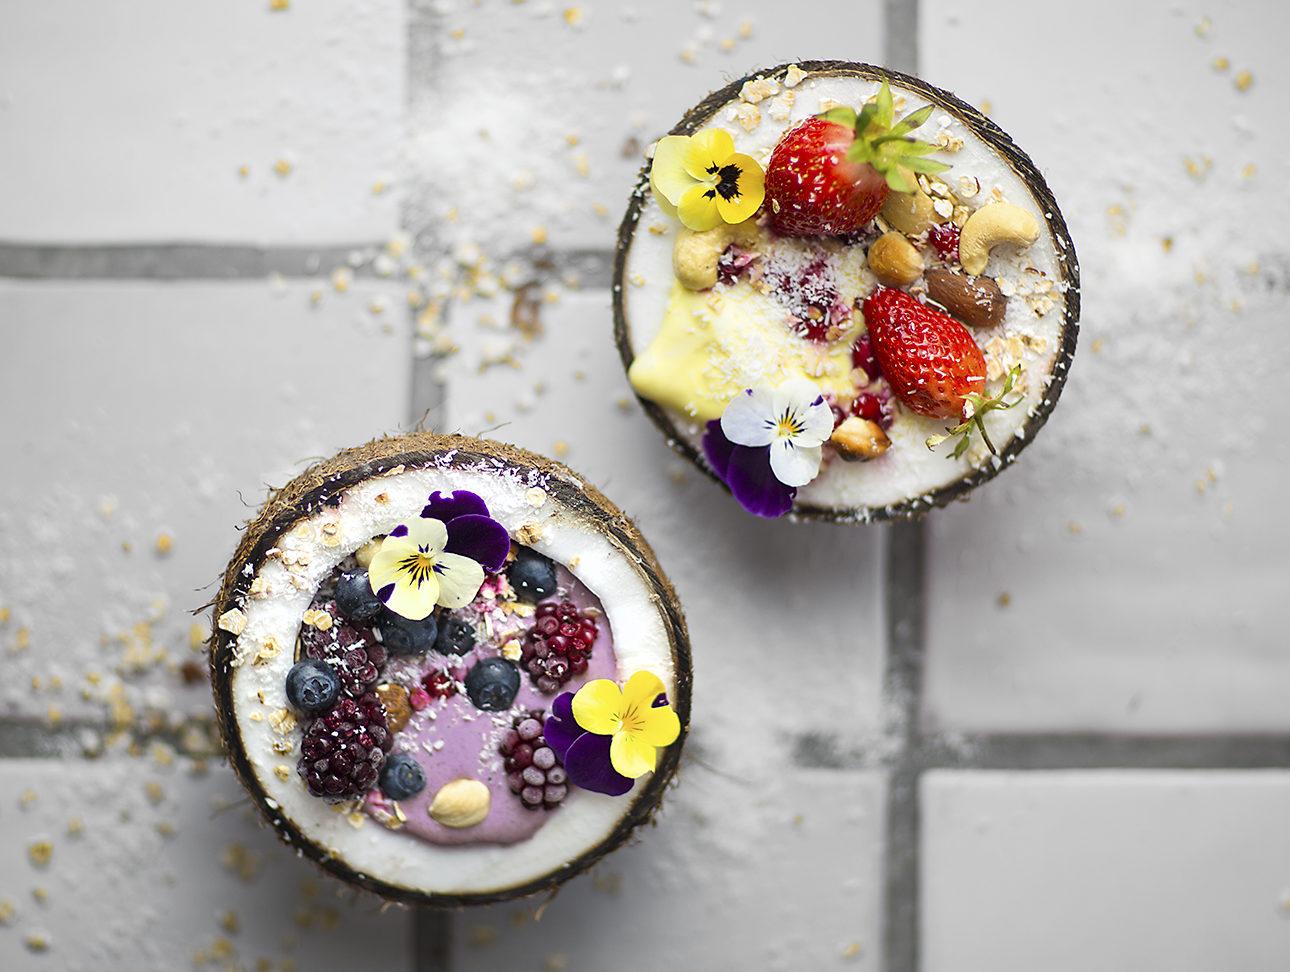 Glace maison exotique et aux fruits rouges (nice cream)